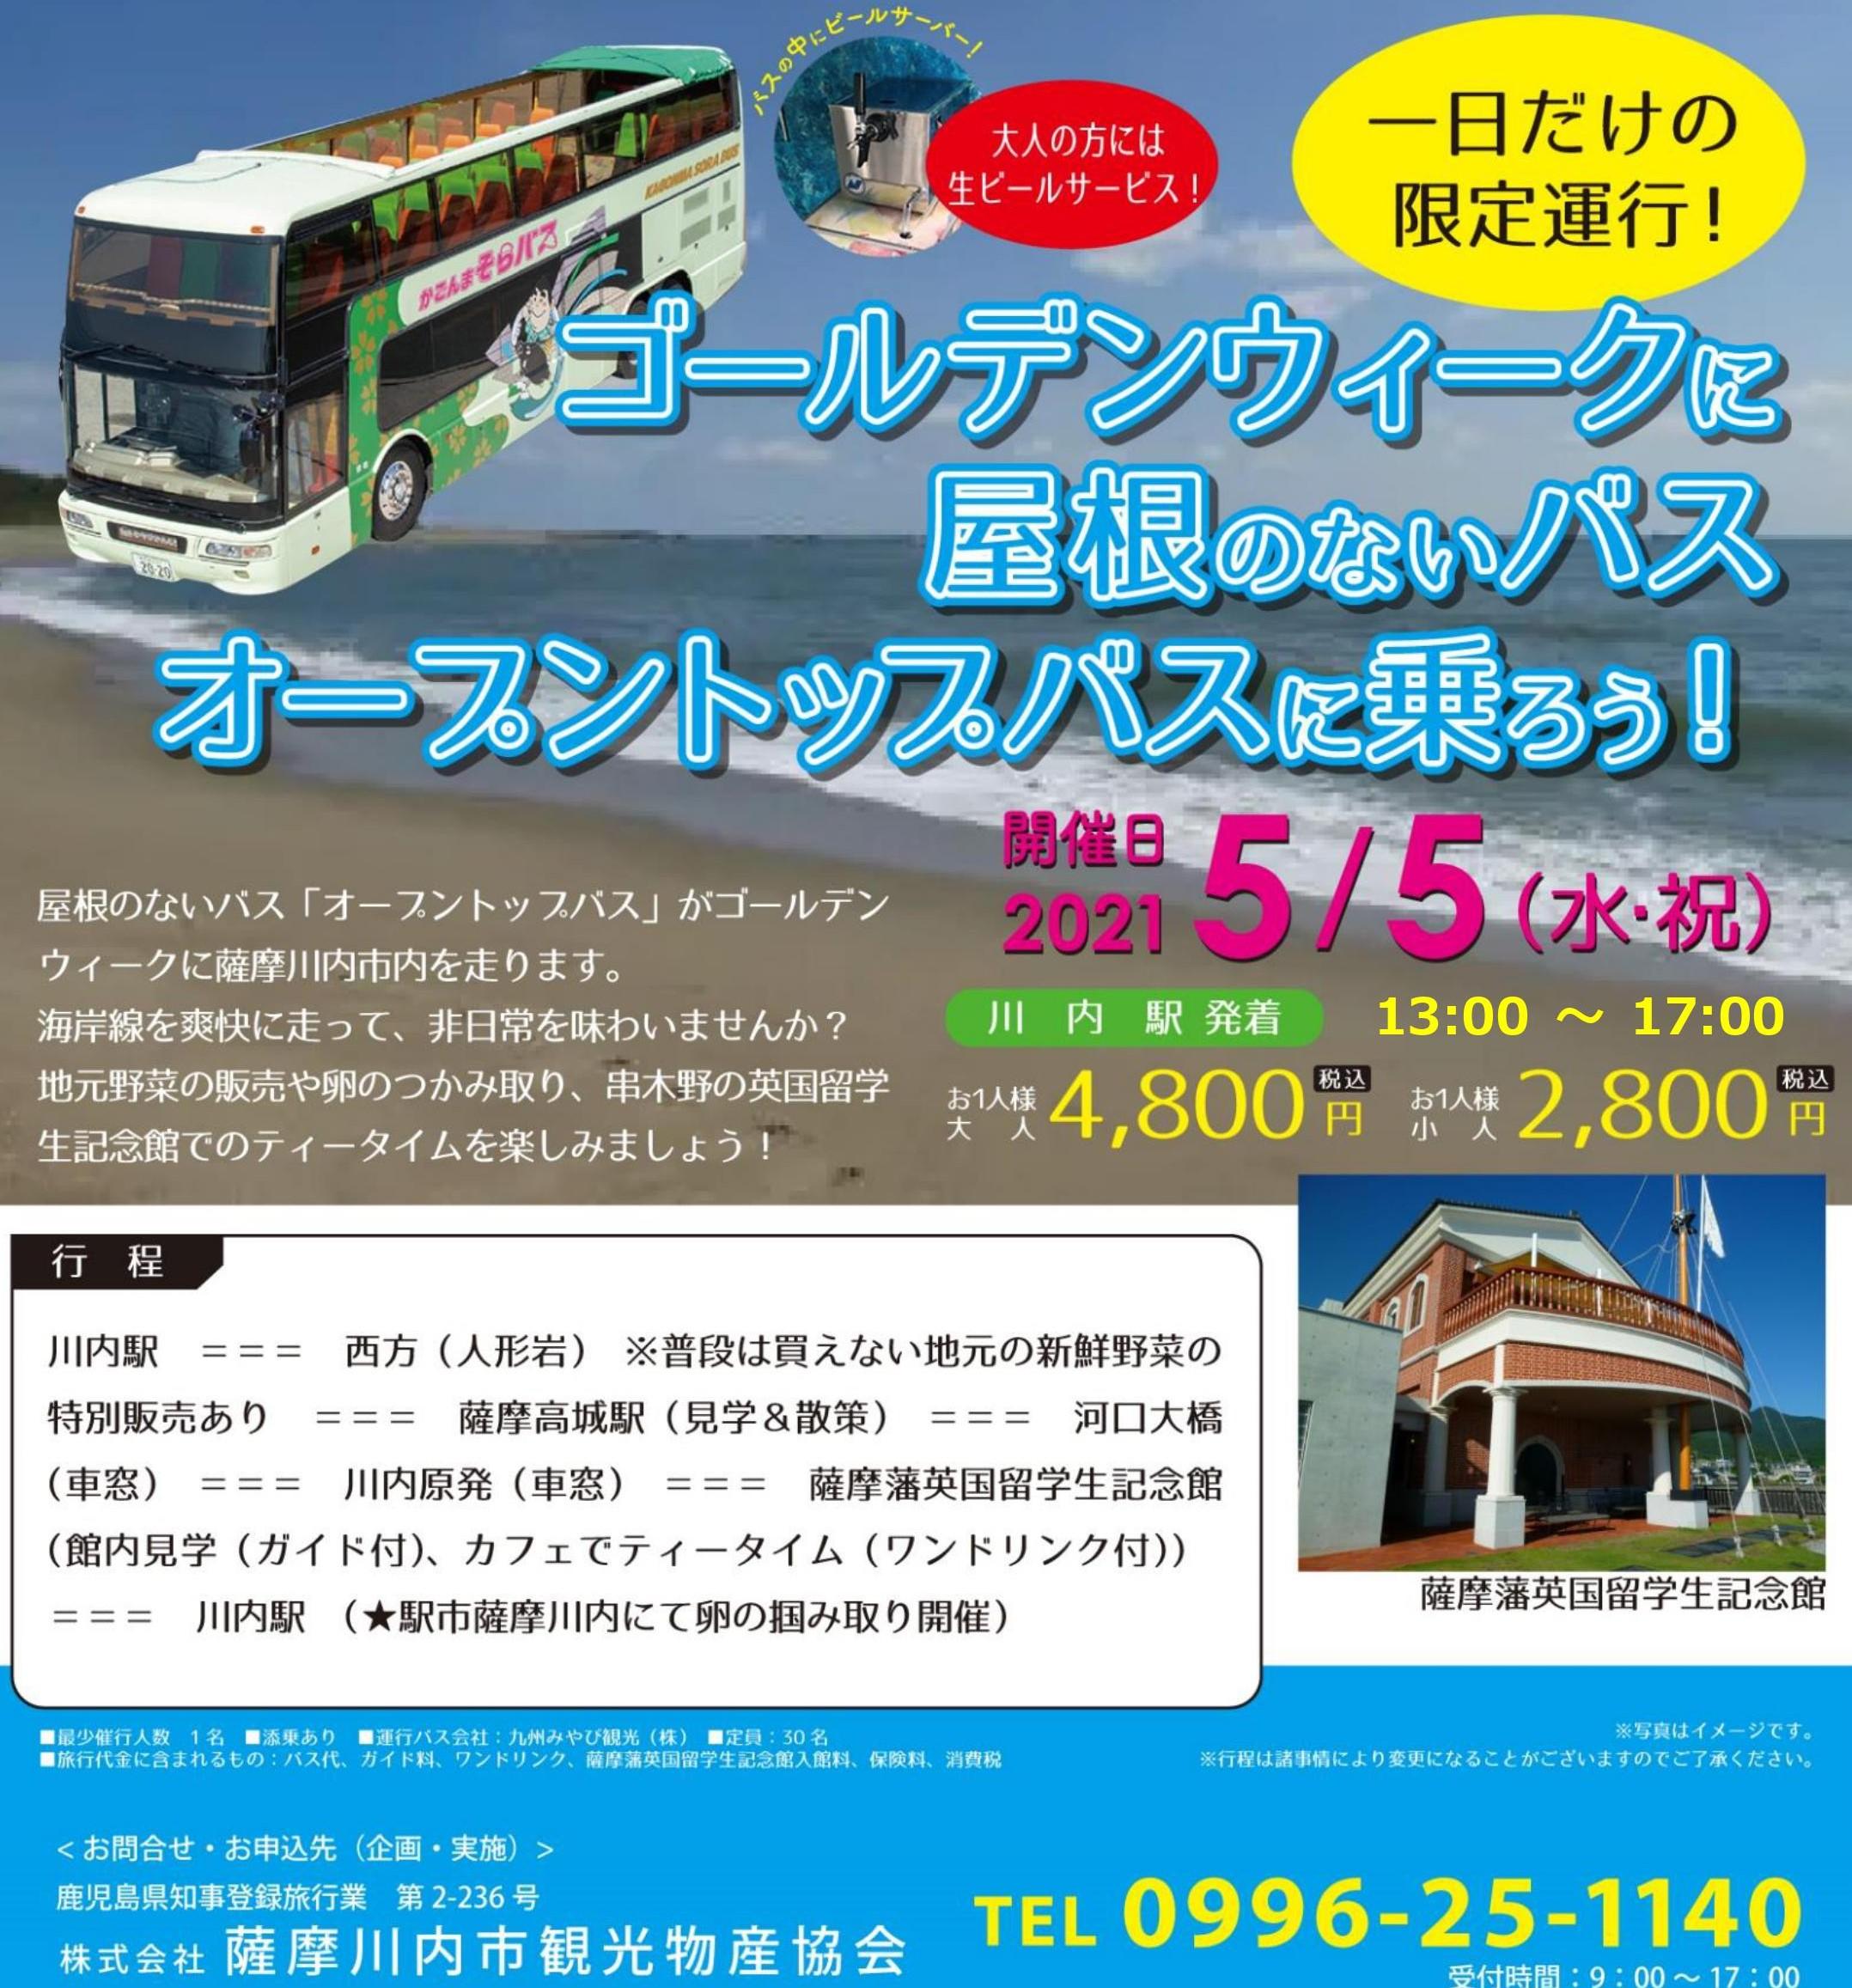 5/5(水)オープントップバスが薩摩川内市を走ります!